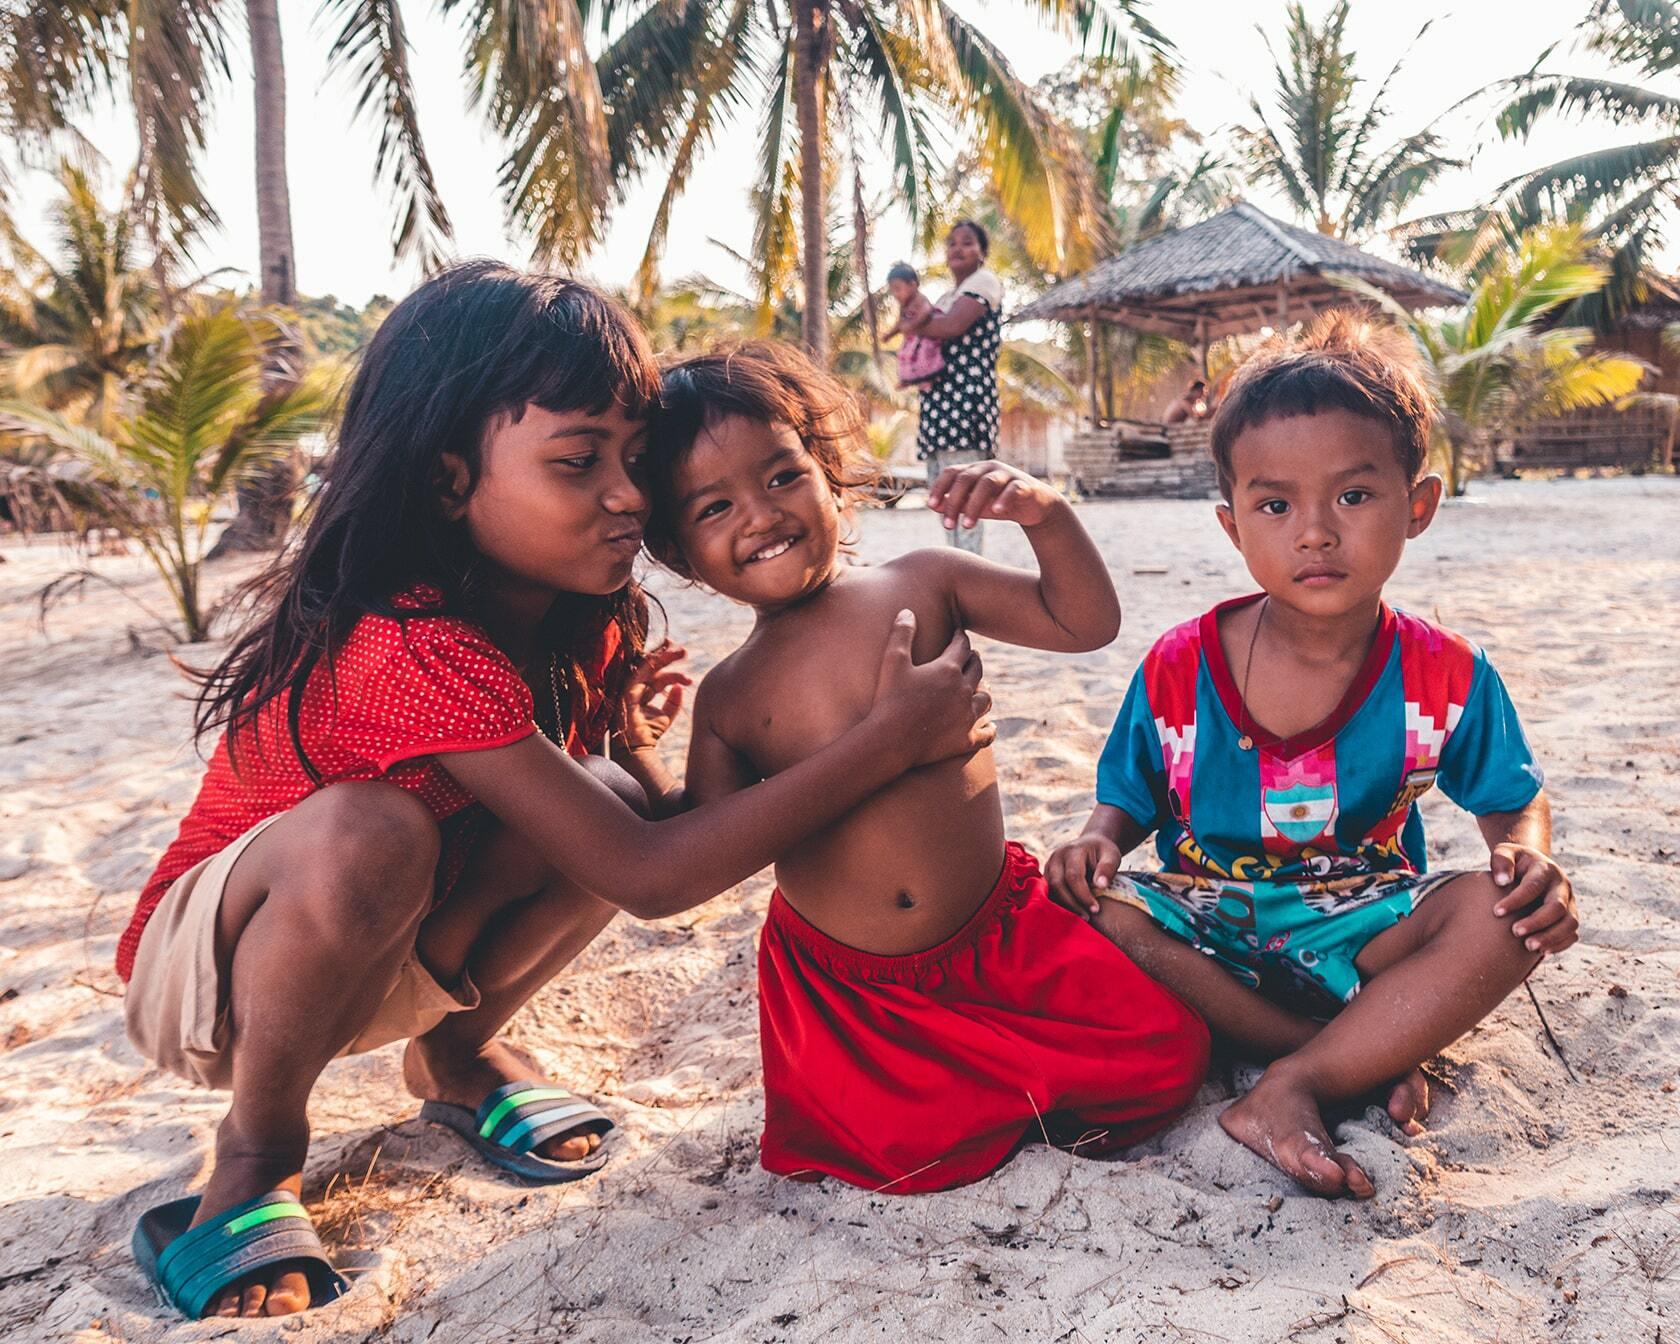 Foto van Cambodjaanse kinderen op het strand uit fotografie collectie mensen van Simon Wijers